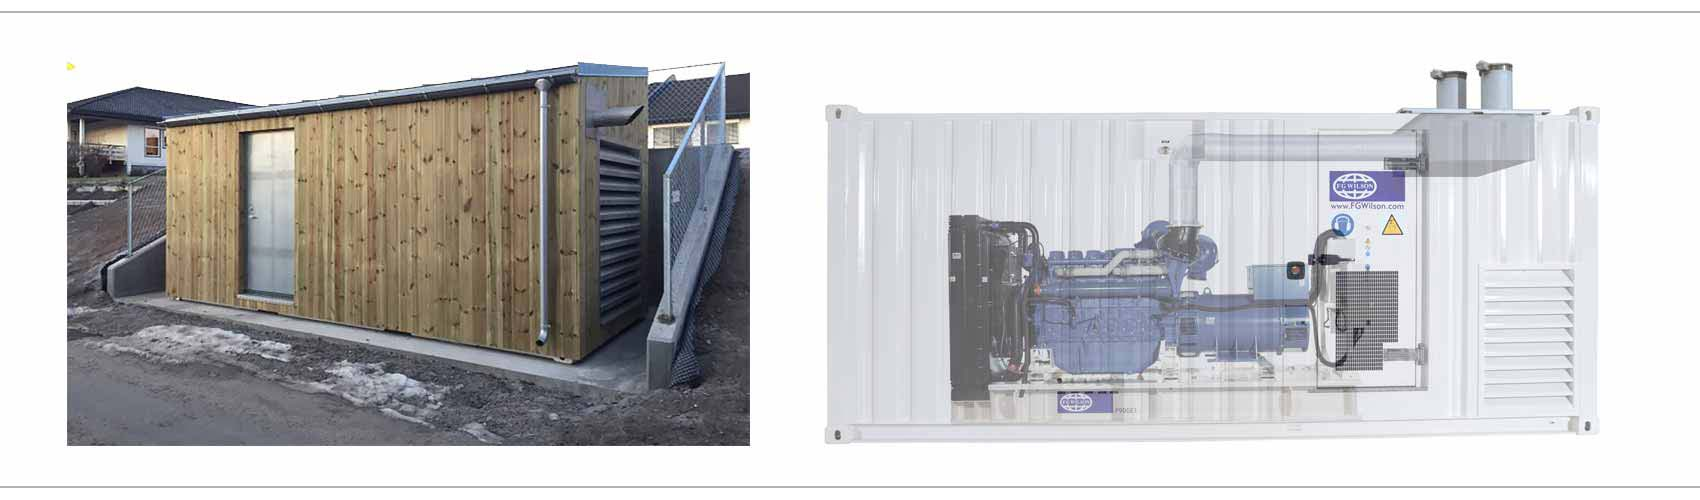 Vi leverer flere ulike typer reservekraftsaggregater montert i container